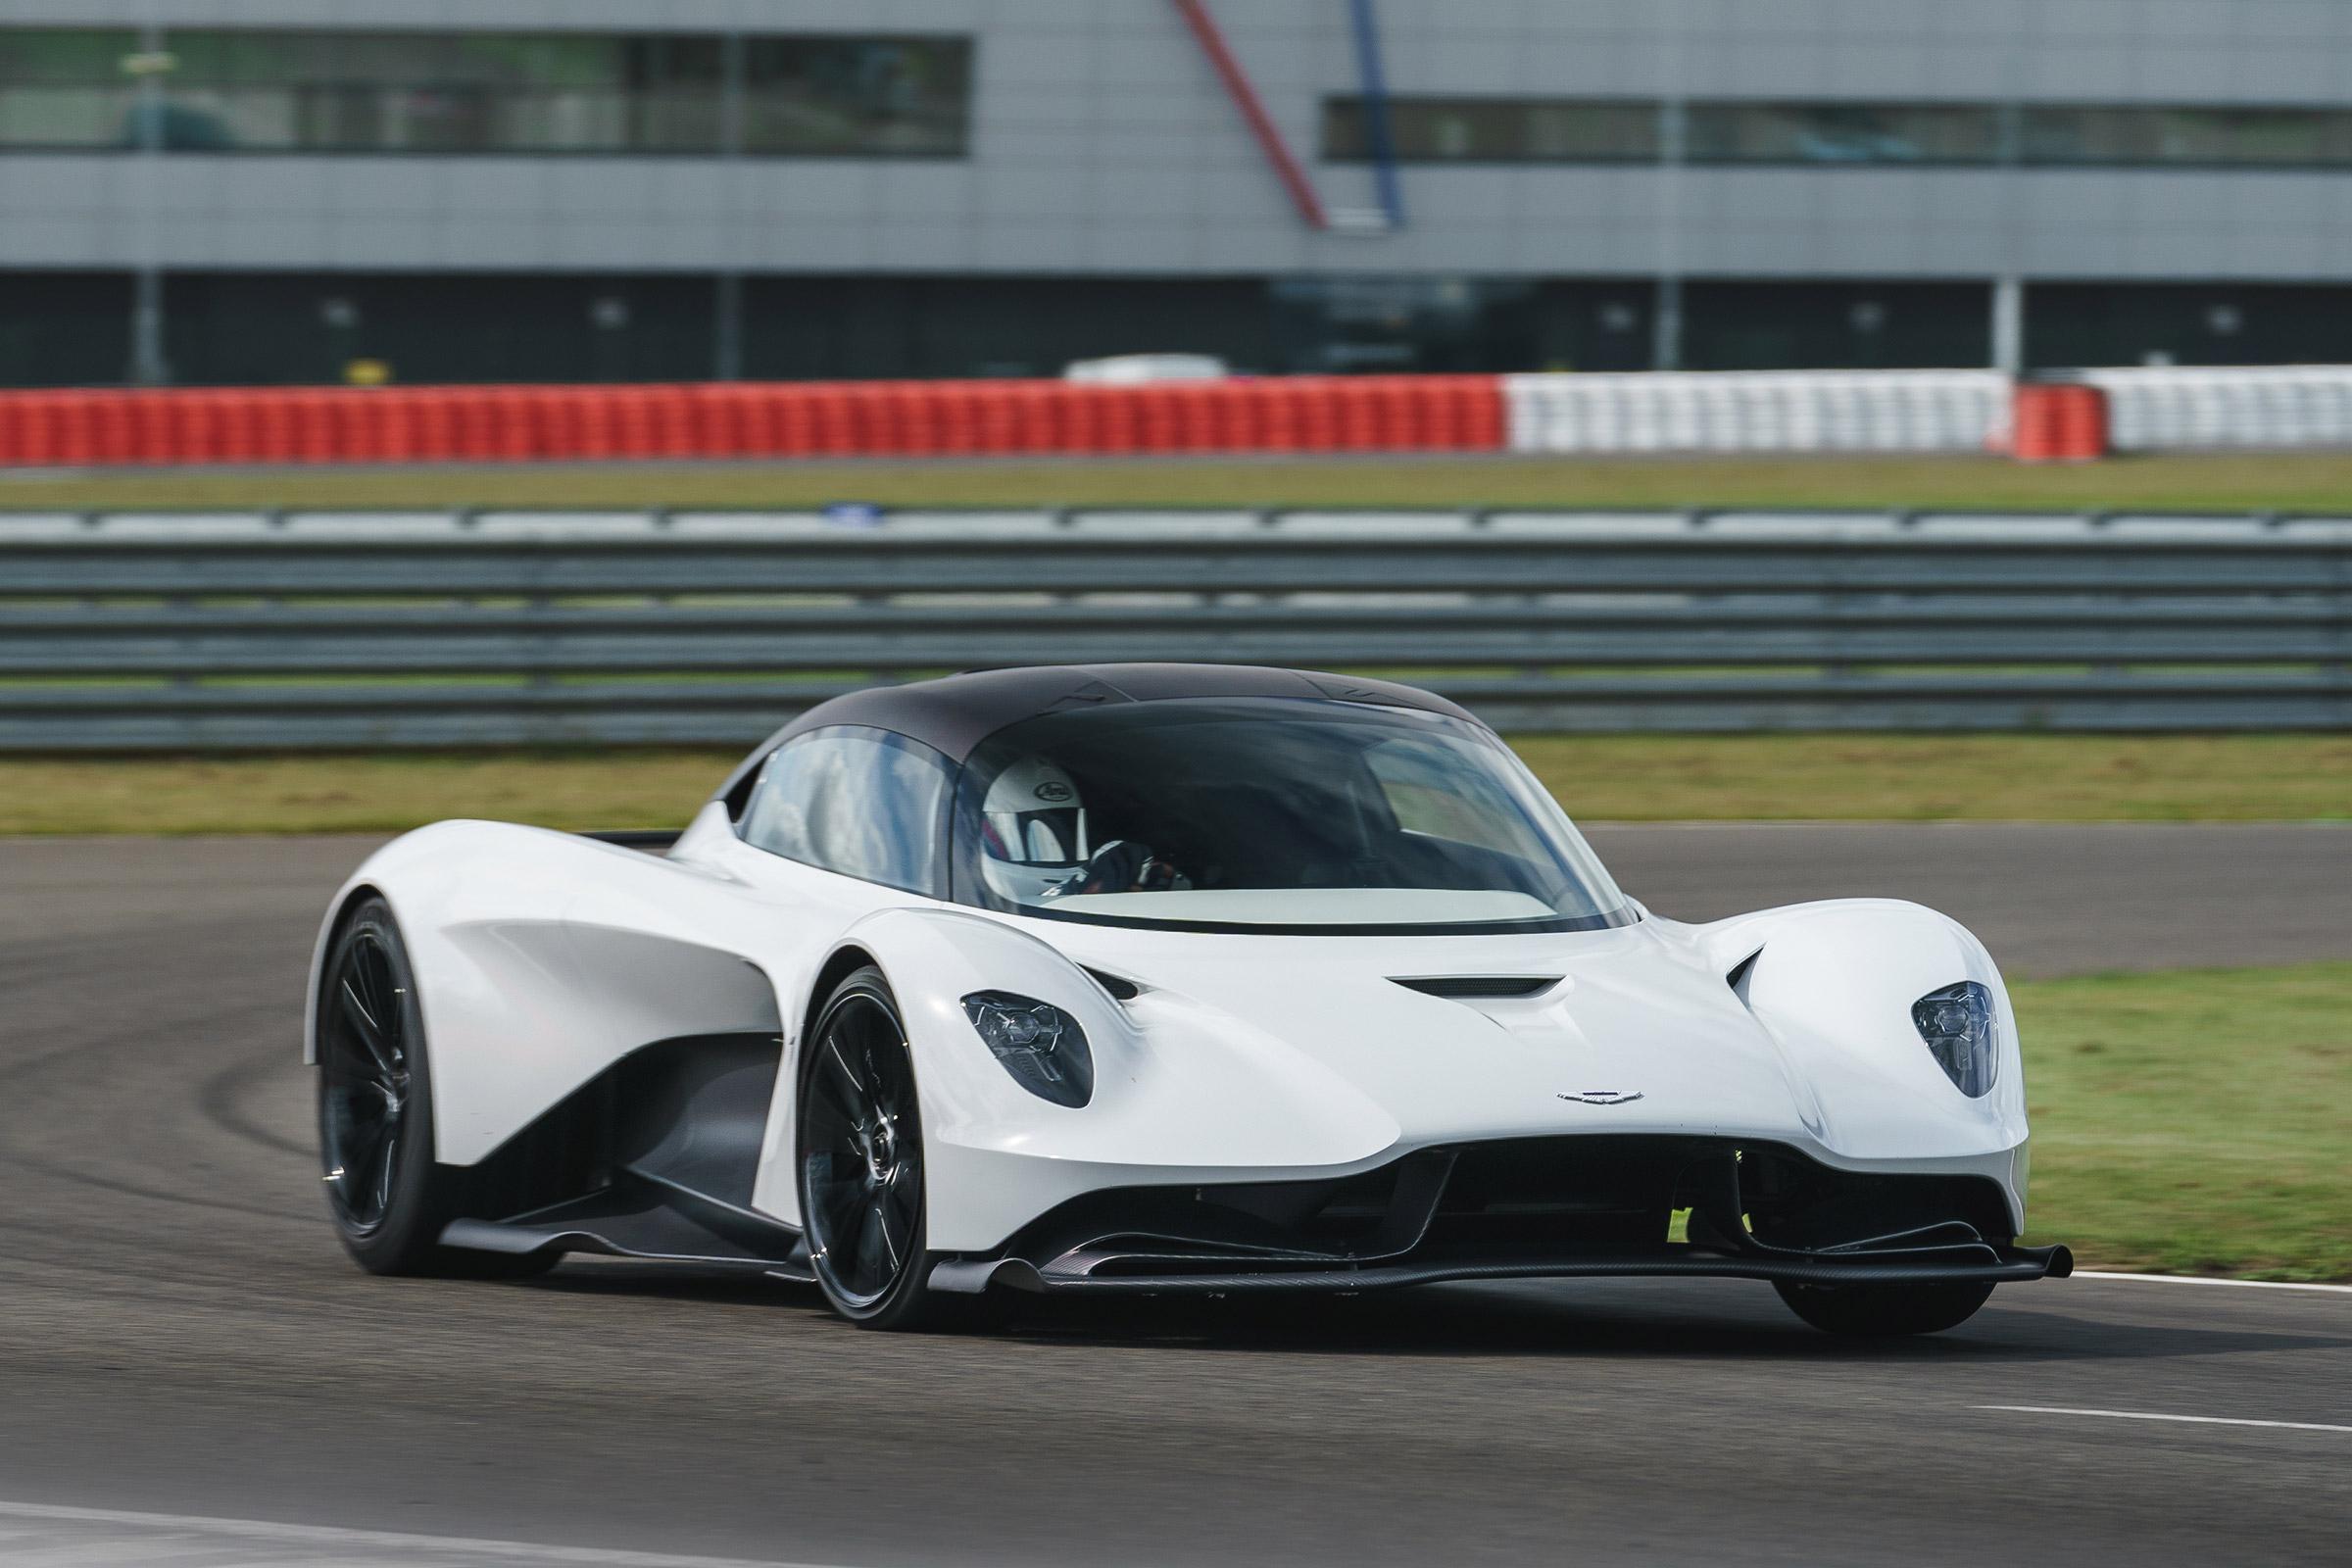 New 2022 Aston Martin Valhalla Engine Details Confirmed Auto Express